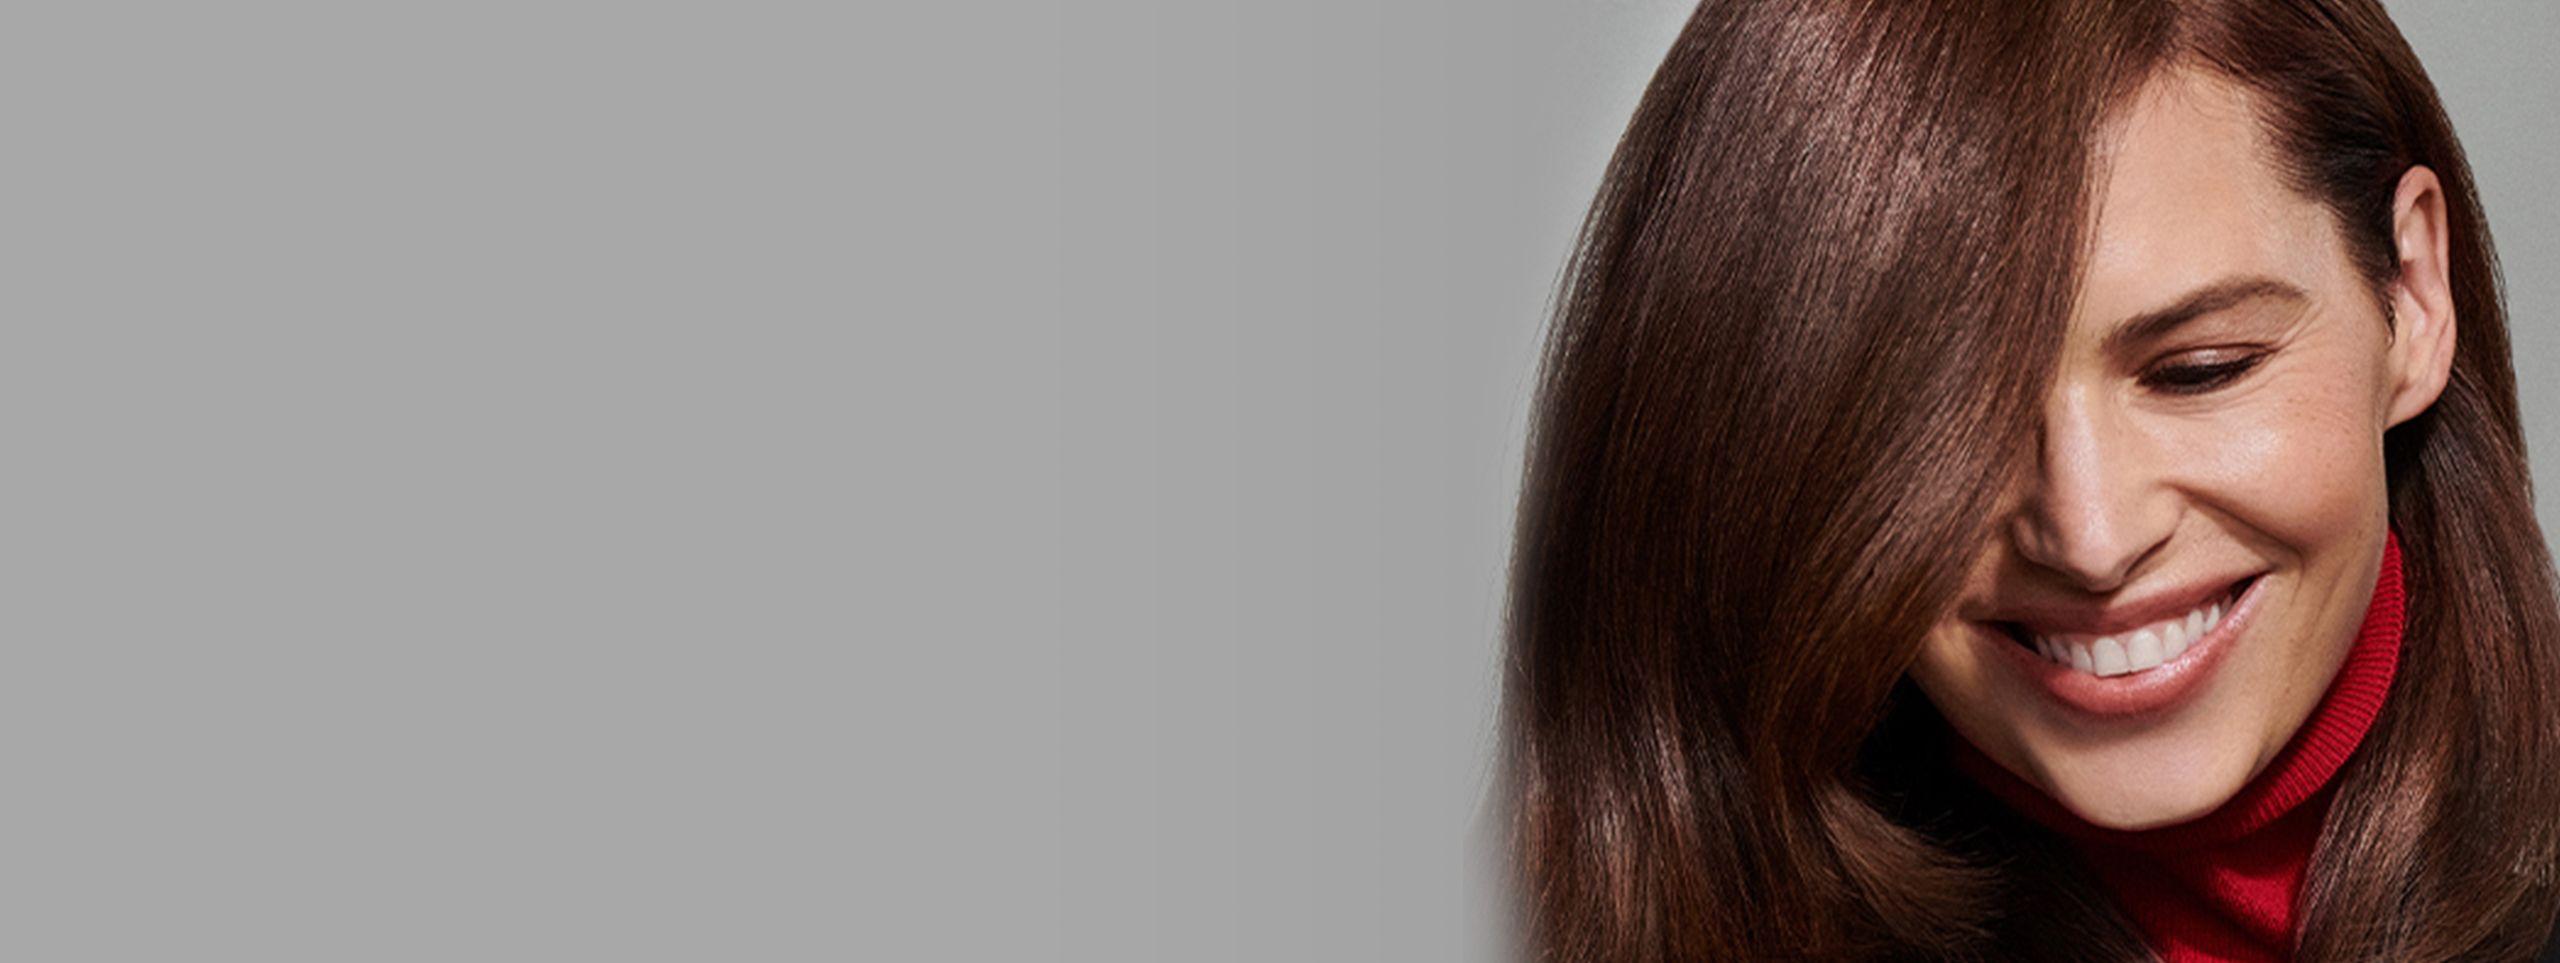 Woman with chestnut ombré hair